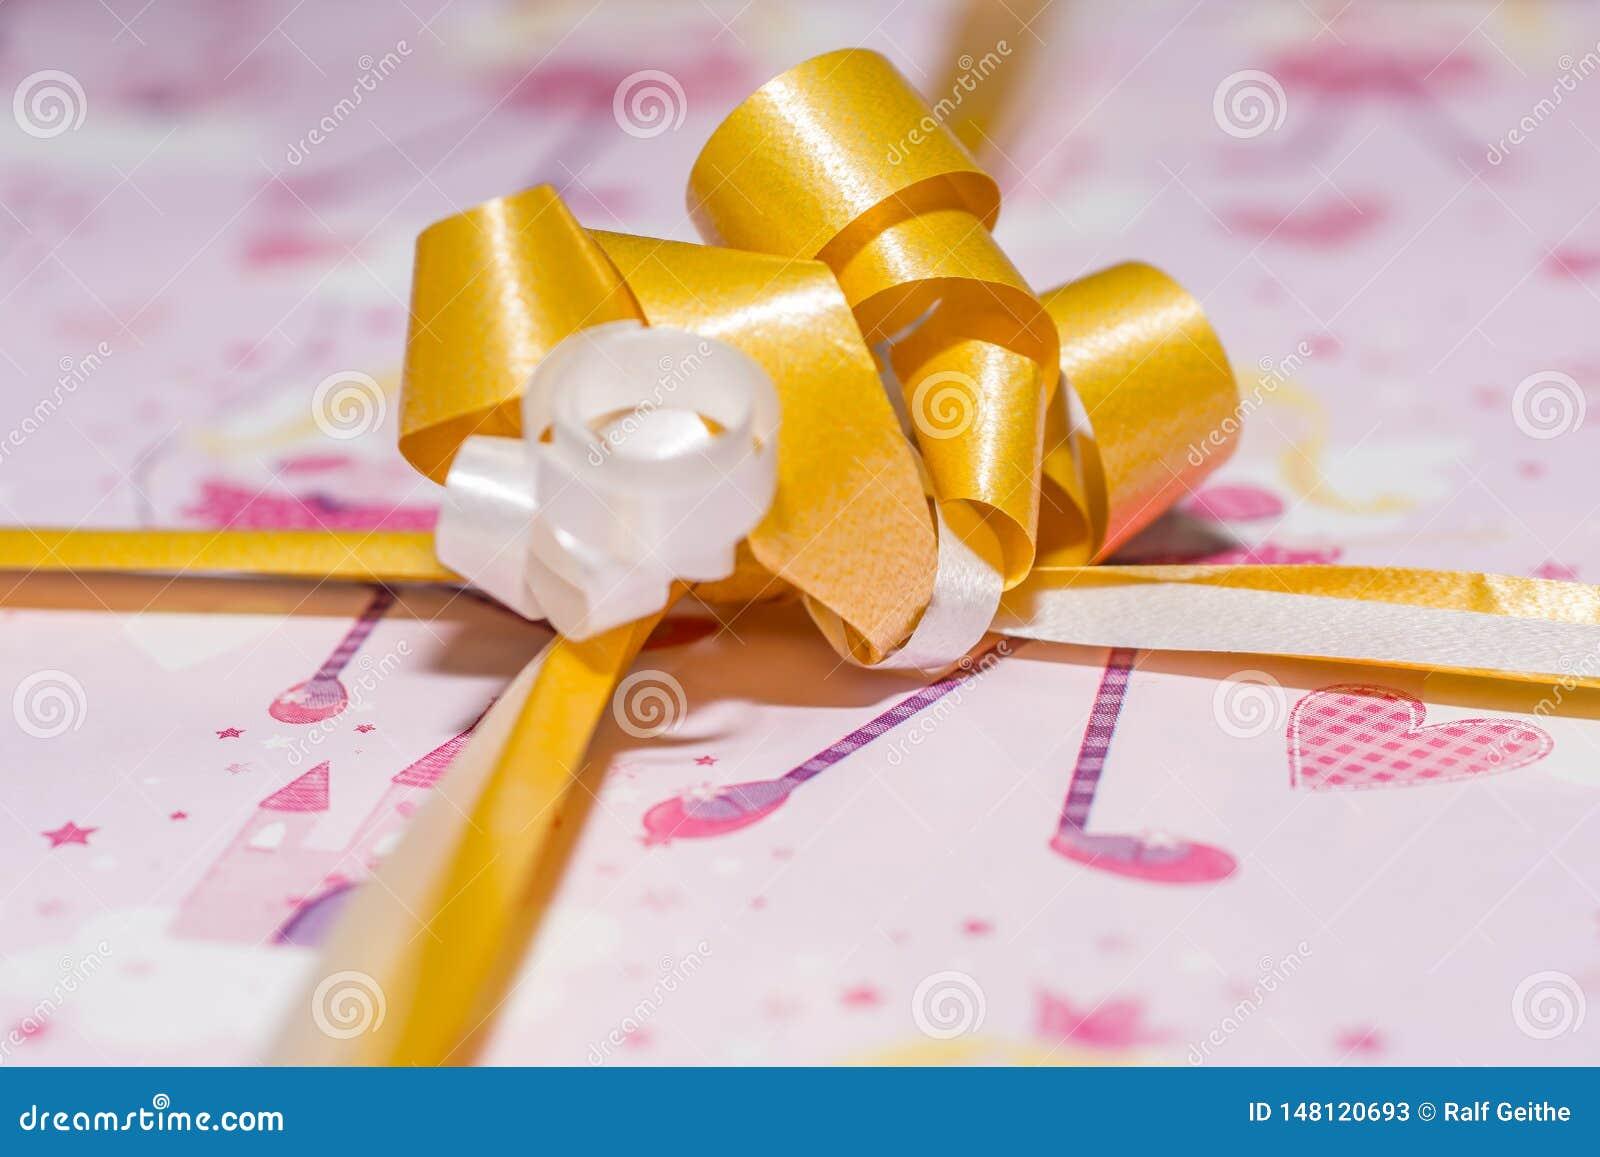 Detalle de un papel de regalo